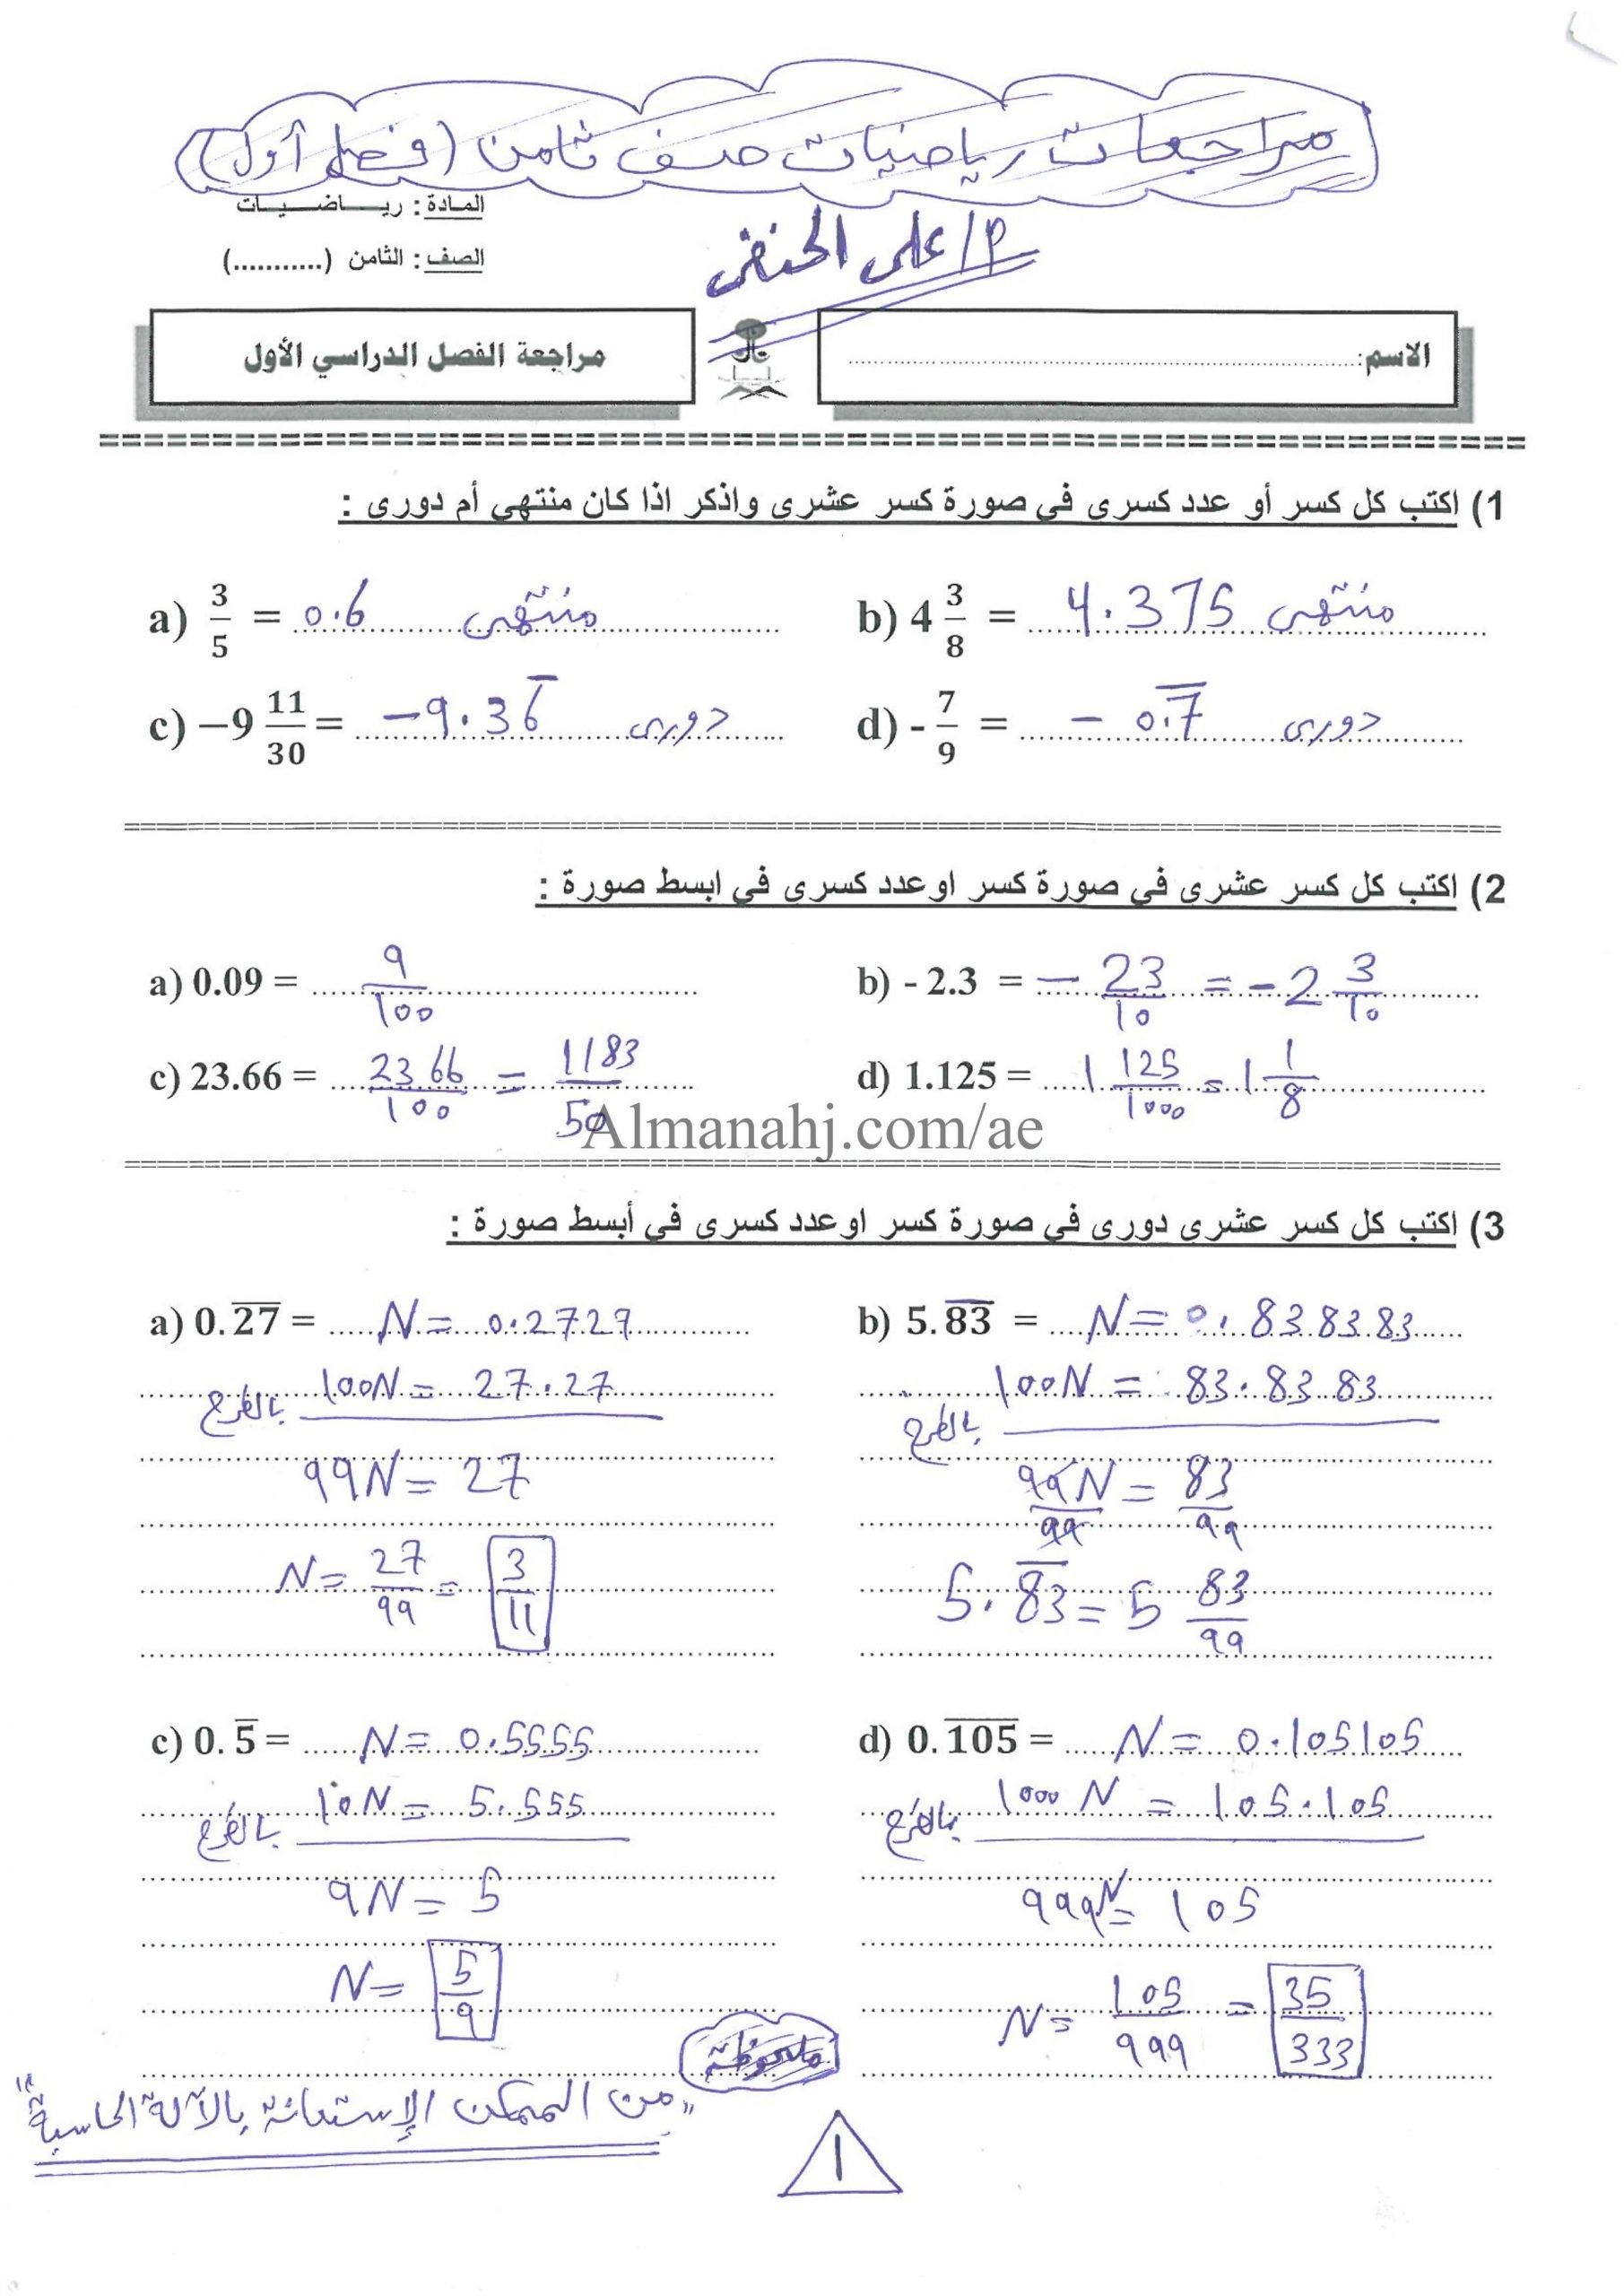 حل اوراق عمل مراجعة الصف الثامن مادة الرياضيات المتكاملة